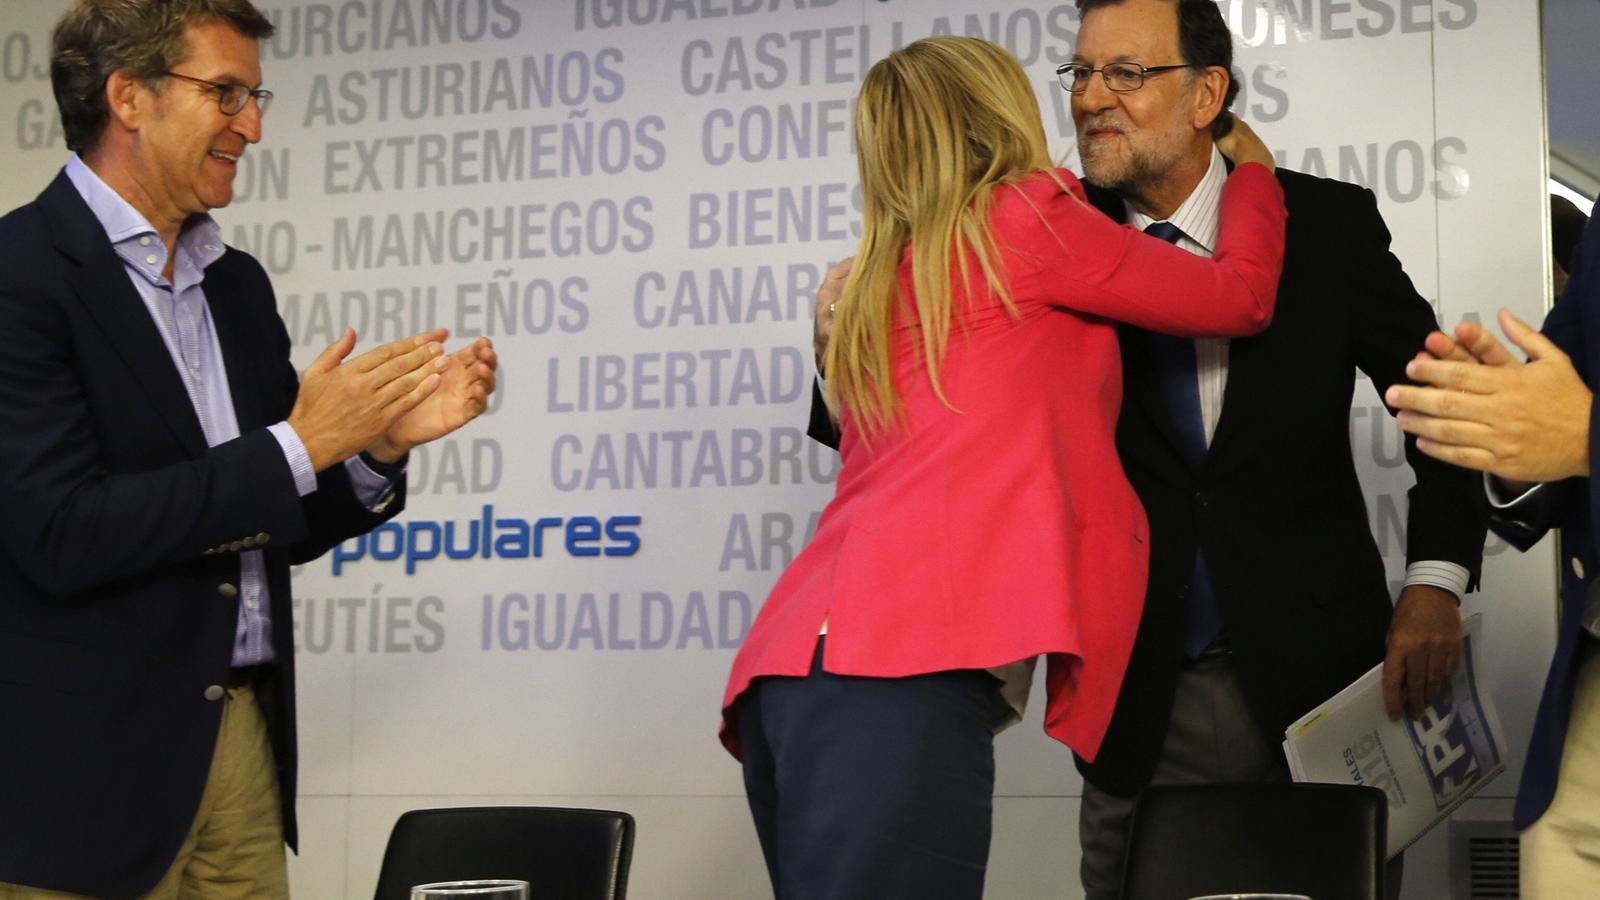 Mariano Rajoy felicitat per Cristina Cifuentes a la reunió del comitè executiu del PP